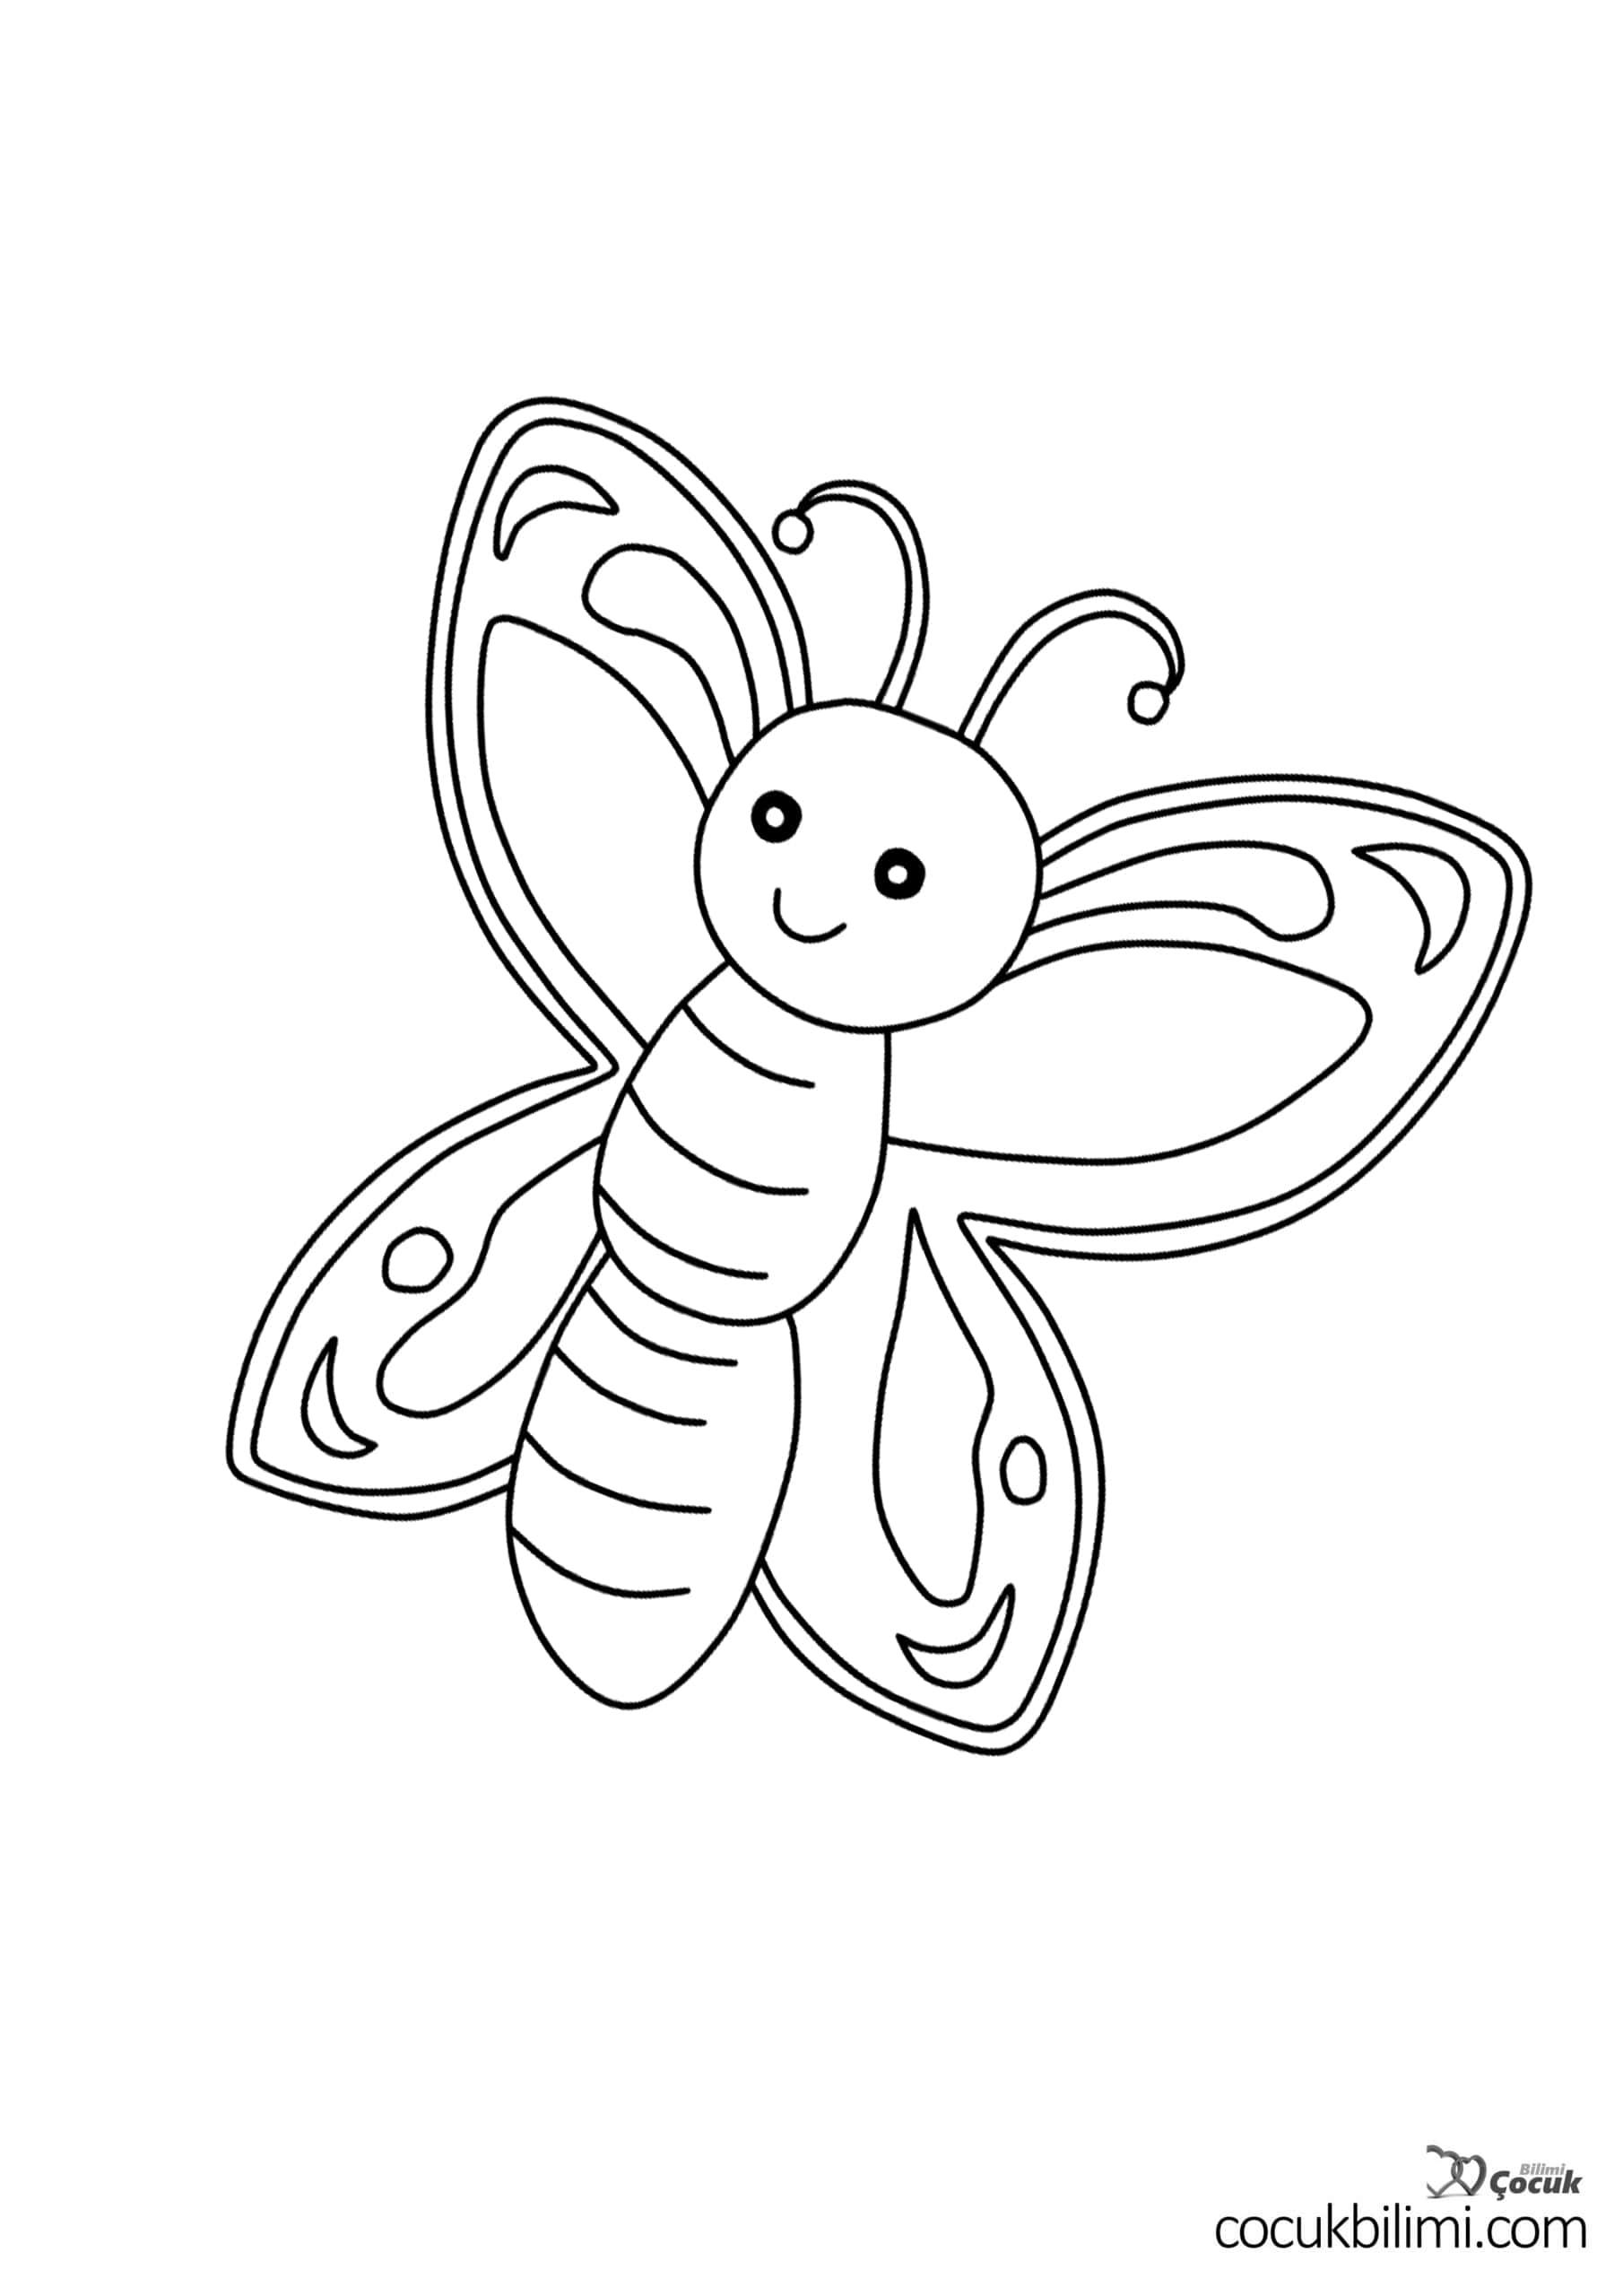 kelebek-boyama